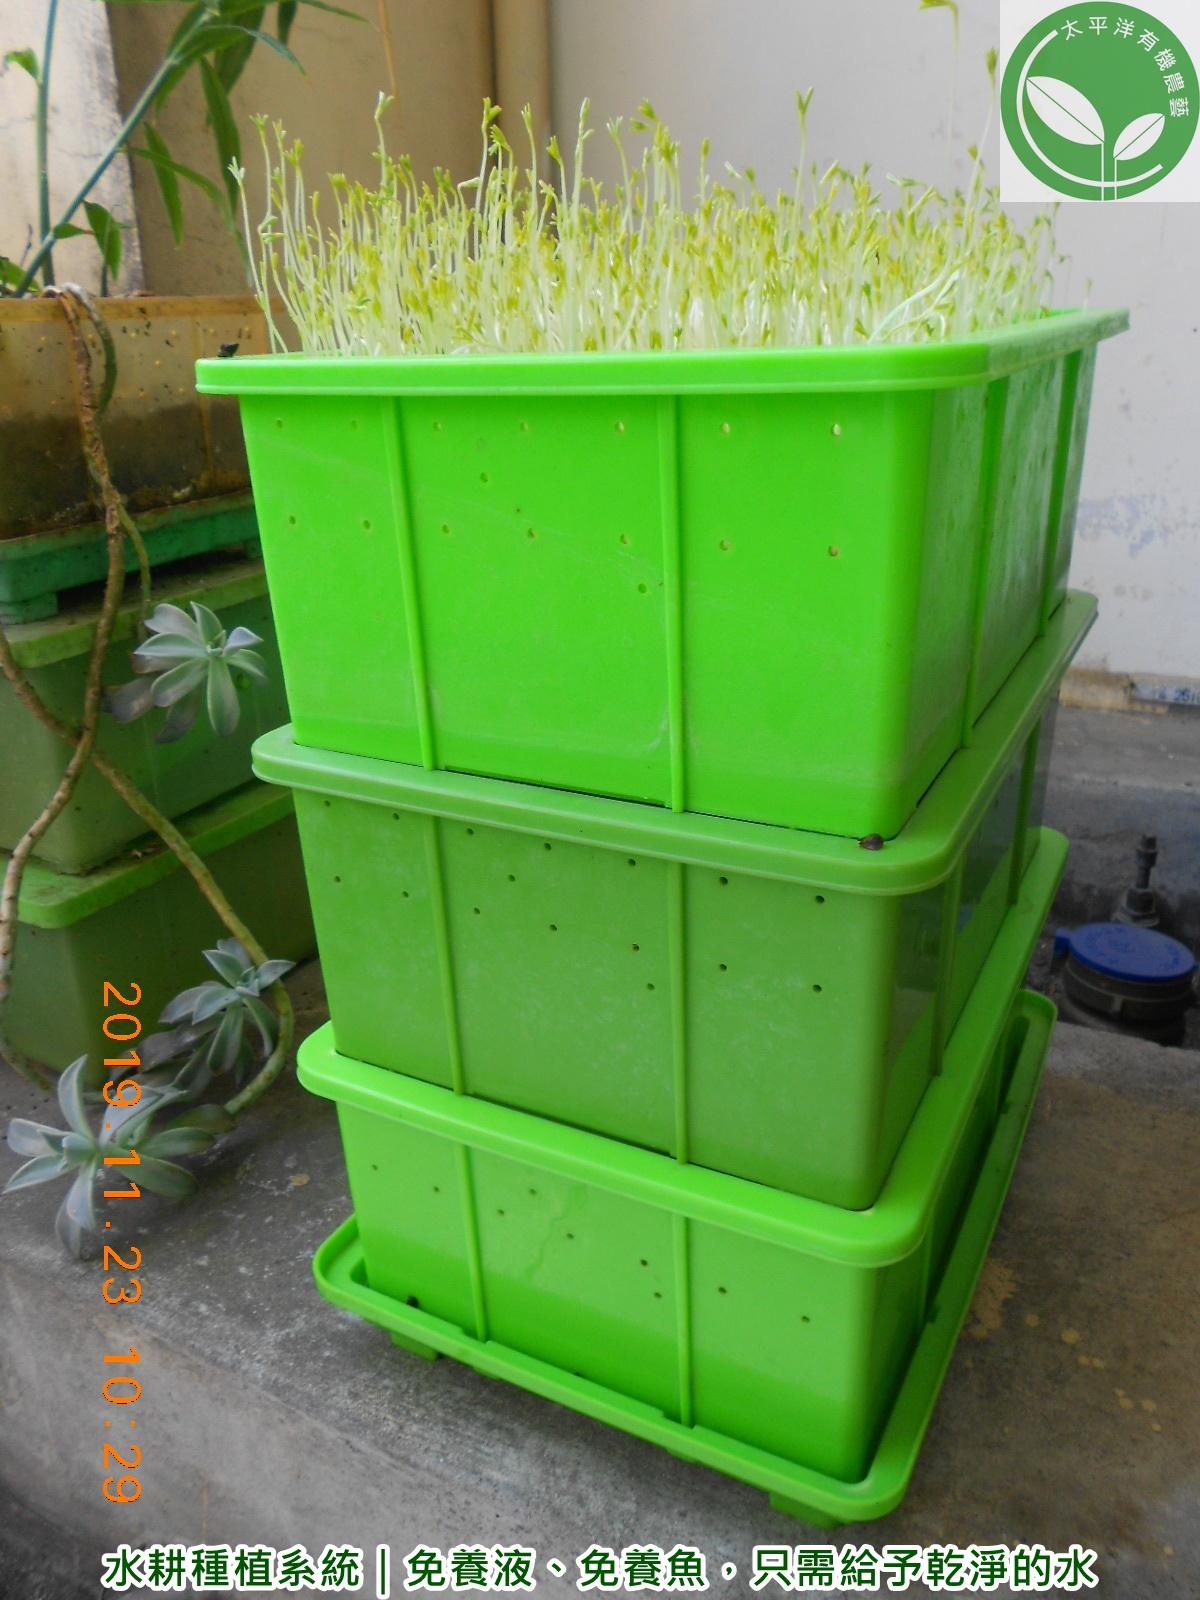 育苗盤,種菜機,如何在家種菜,豆芽箱,室內種菜機,水耕種植系統,豆芽機,育苗箱,水耕栽培diy與設備,台灣種植箱